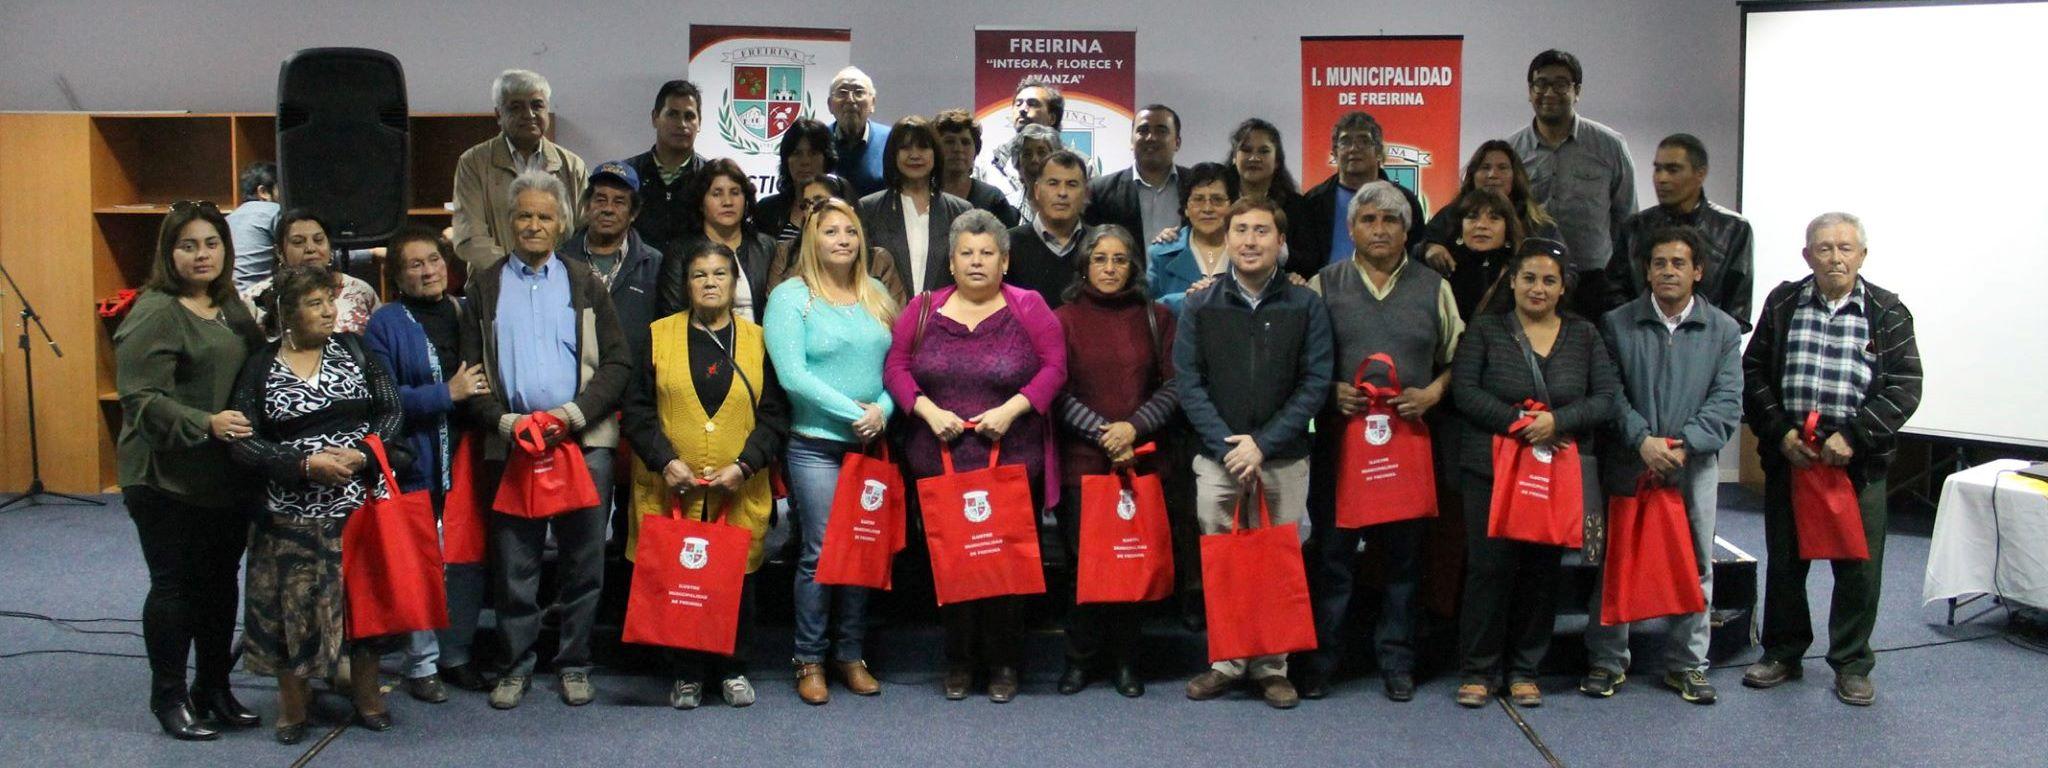 Municipio de Freirina celebró el Día del Dirigente Vecinal y Comunitario